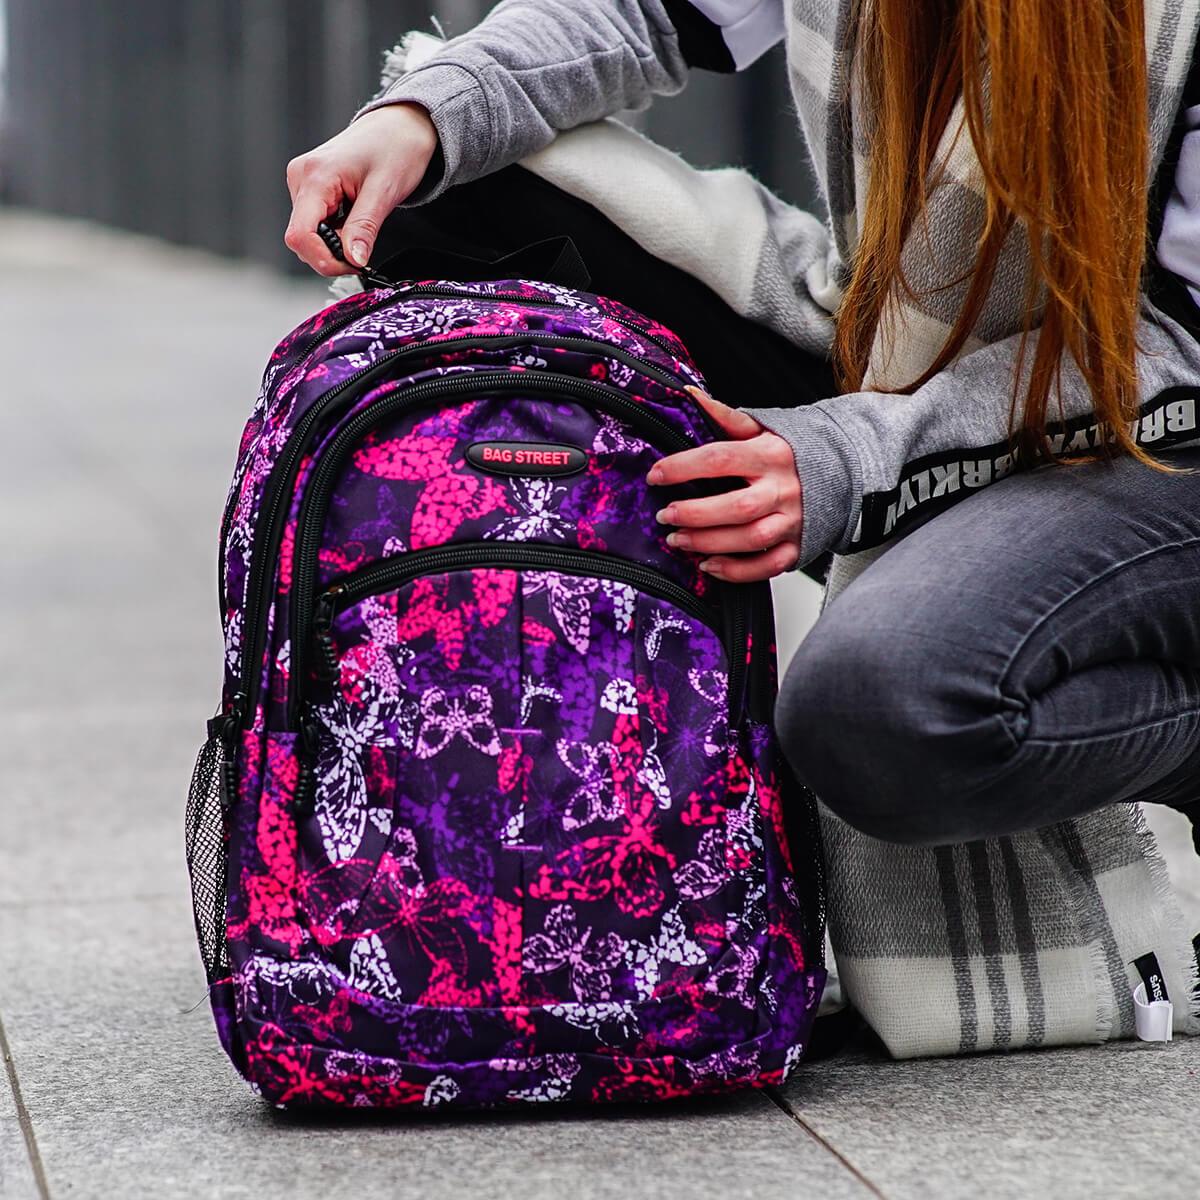 584f105a58ade Plecaki szkolne, plecaki do szkoły | Sklep internetowy Brytyjka